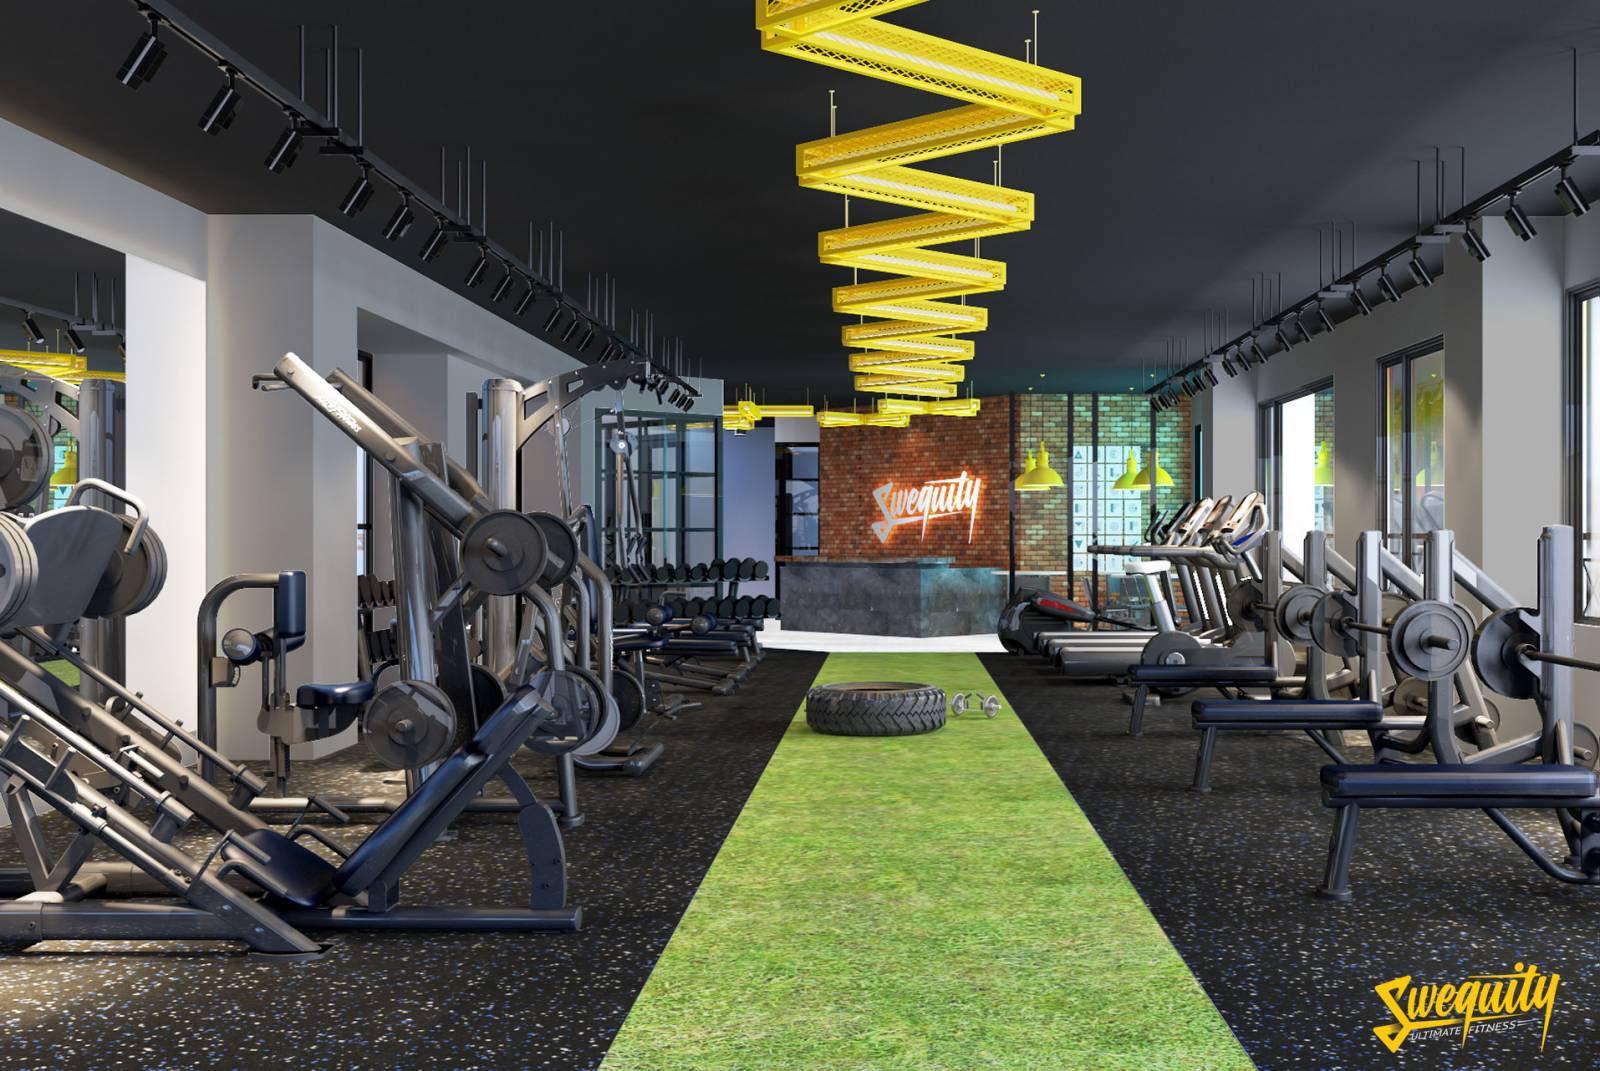 Phòng tập gym tốt ở Hà Nội cần đạt những tiêu chuẩn nào?